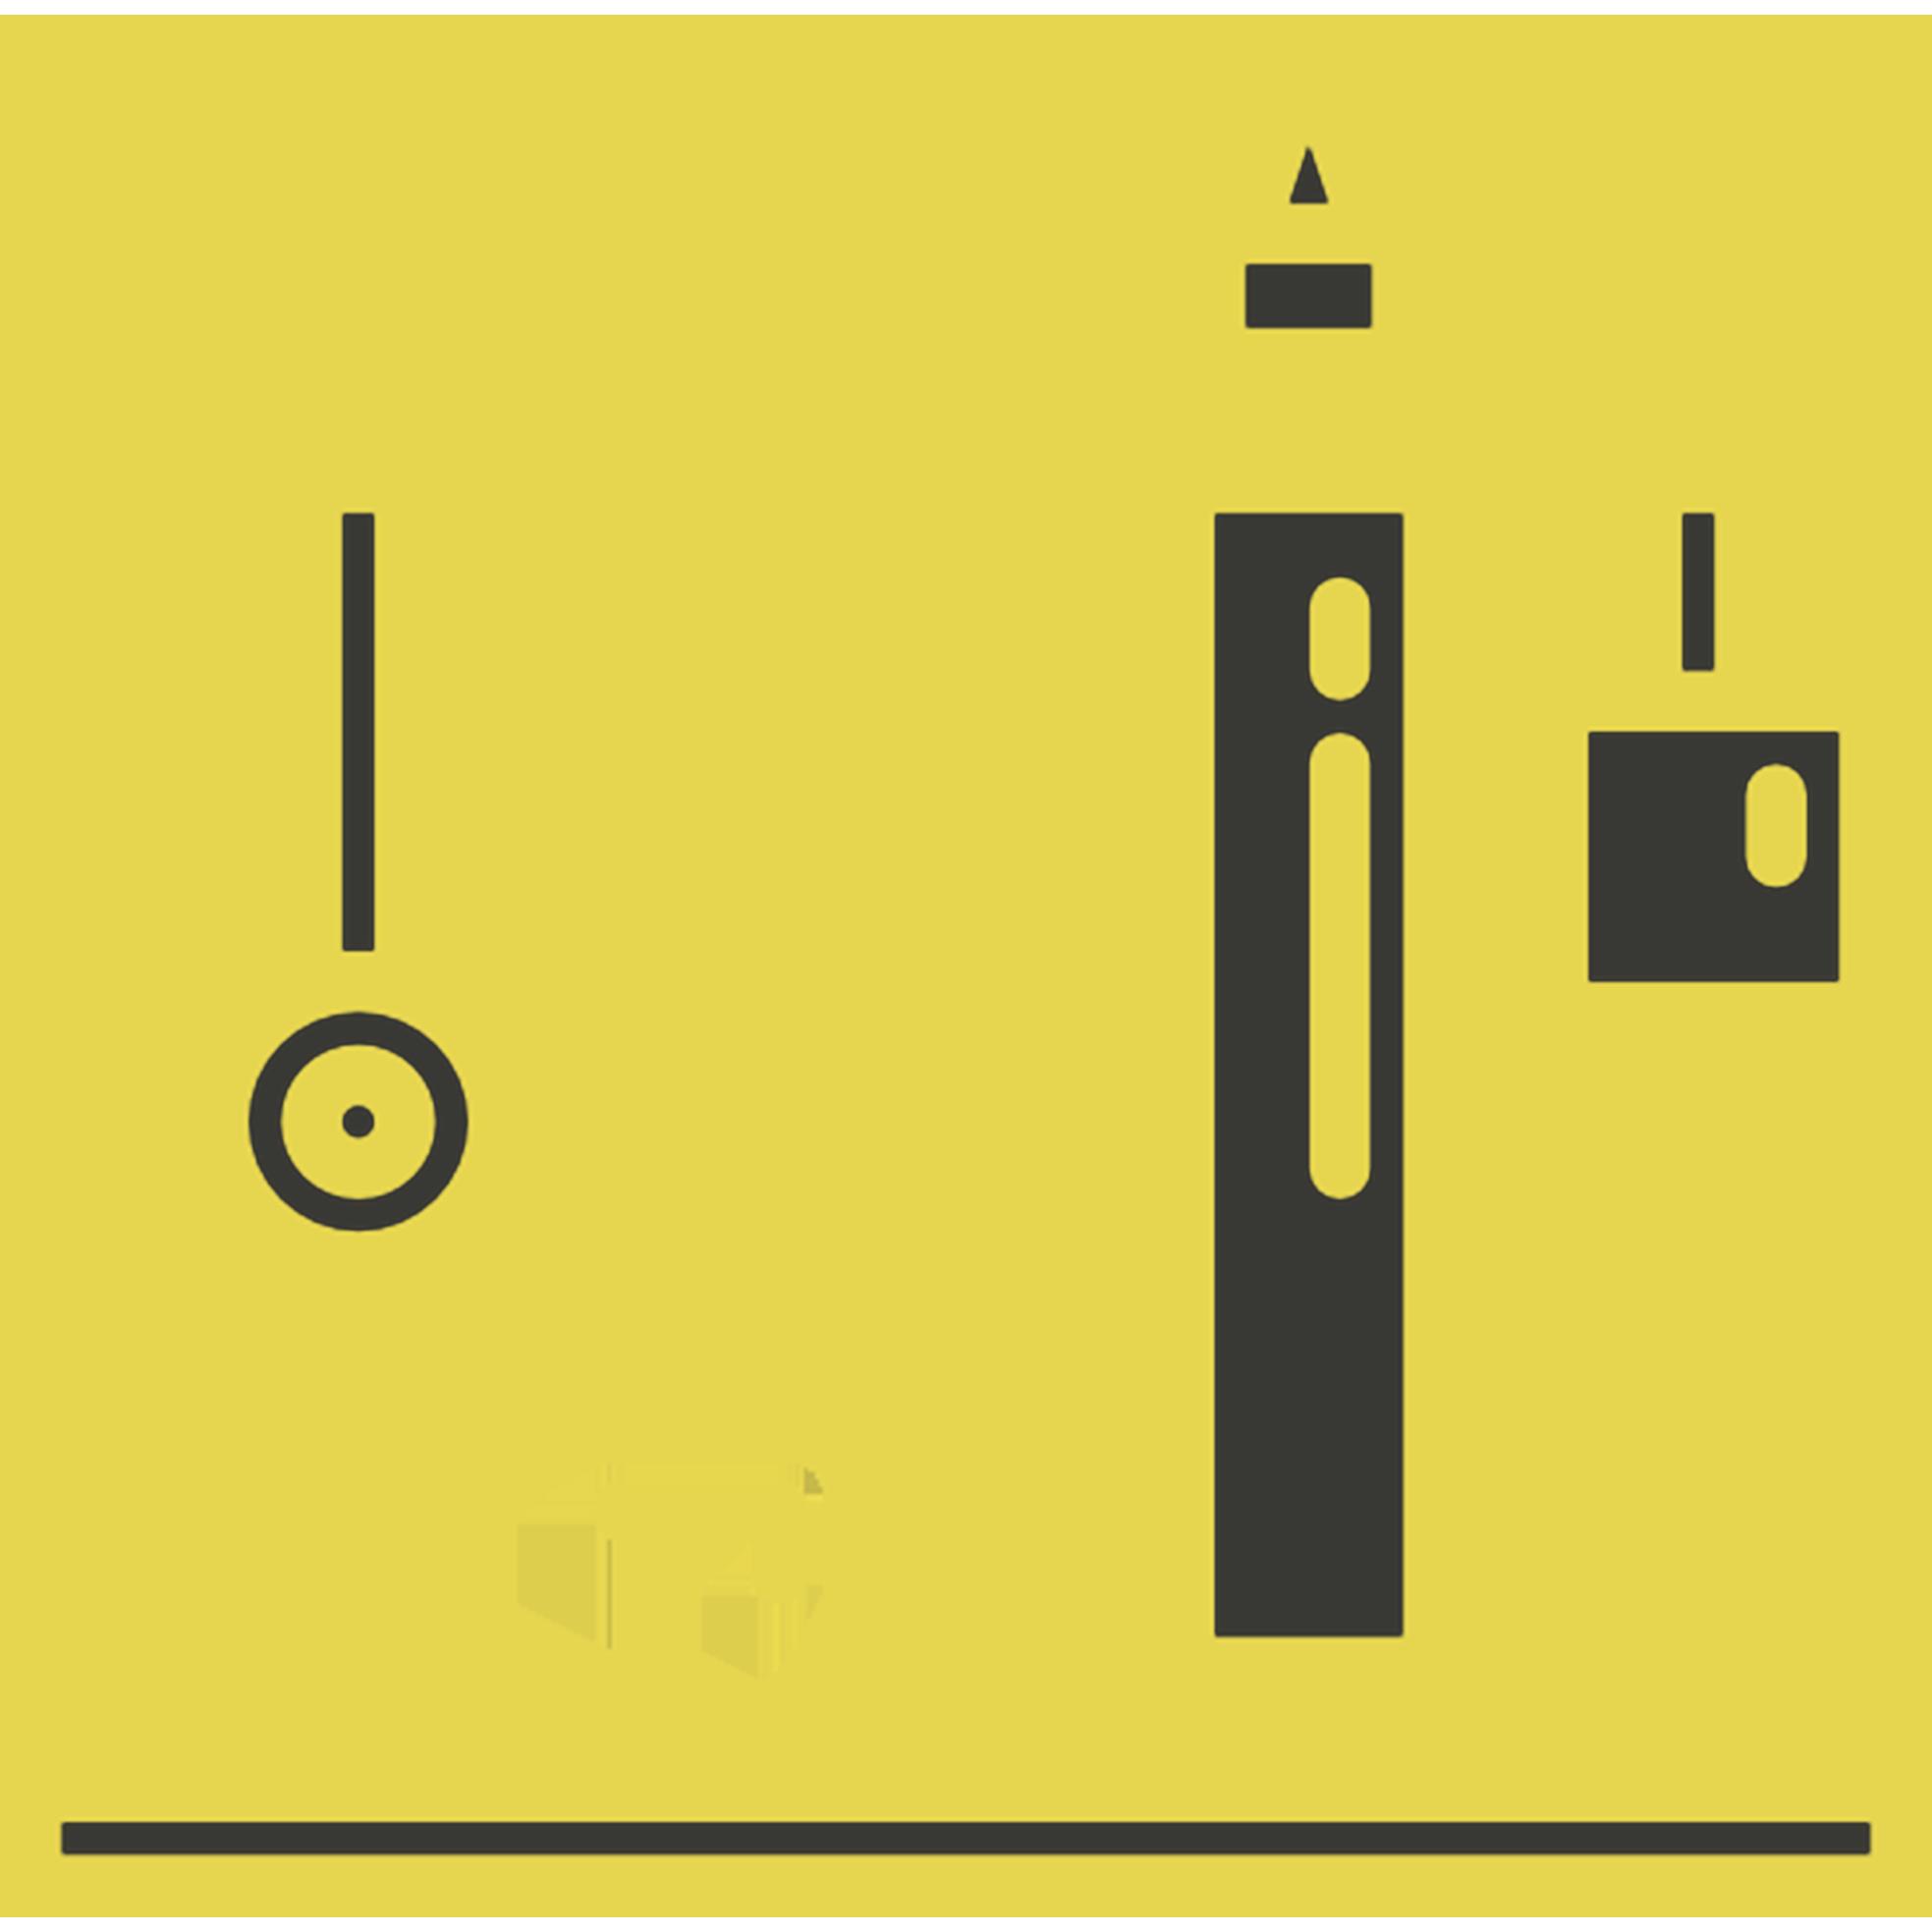 Montajes y desmontajes de estructuras en altura